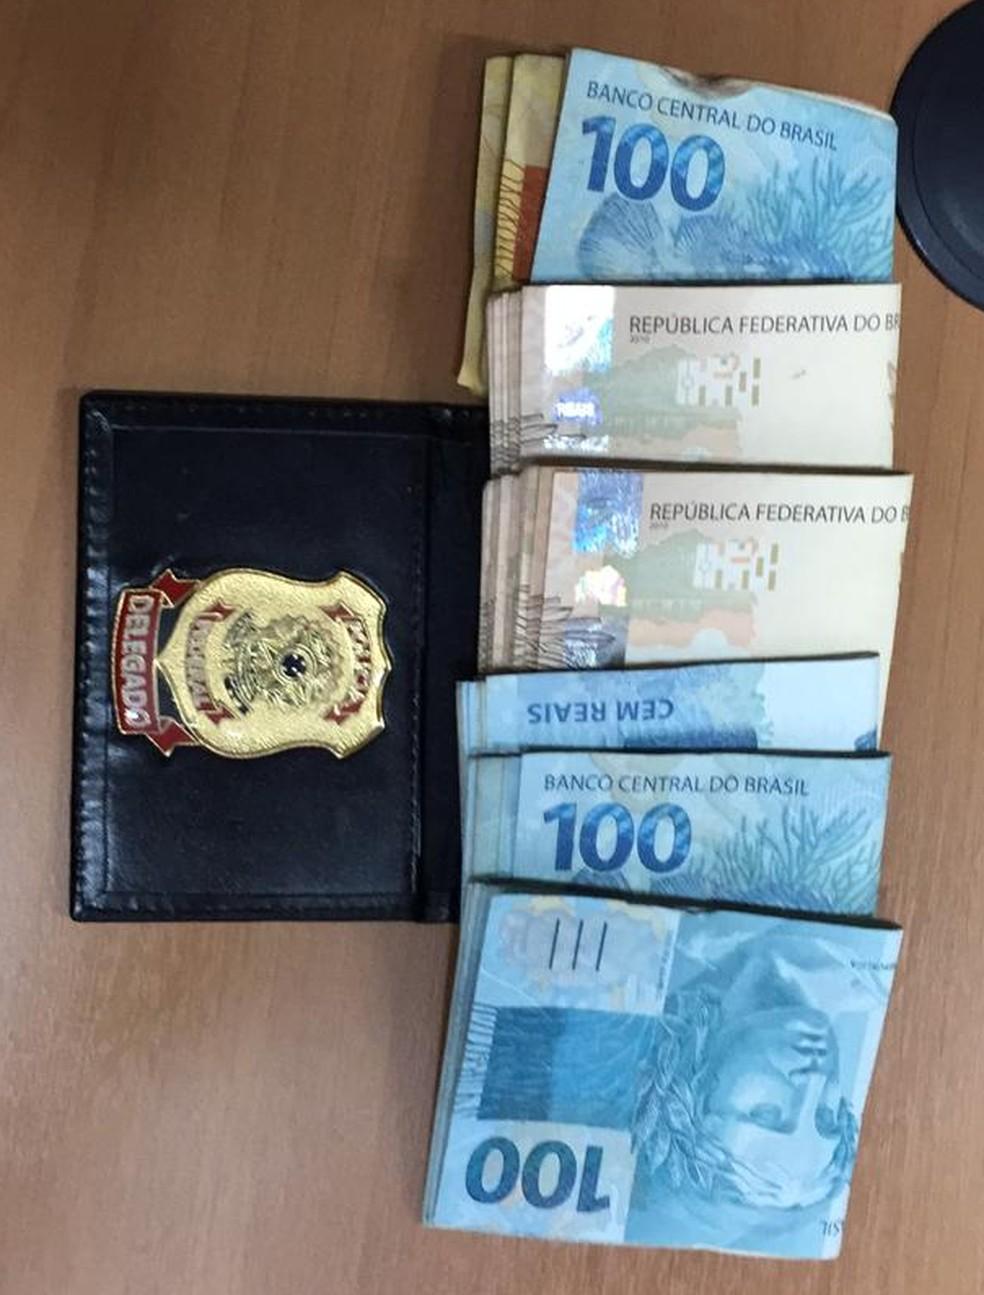 Dinheiro apreendido em operação da Polícia Federal no Maranhão contra servidores dos Correios — Foto: Divulagação / Polícia Federal